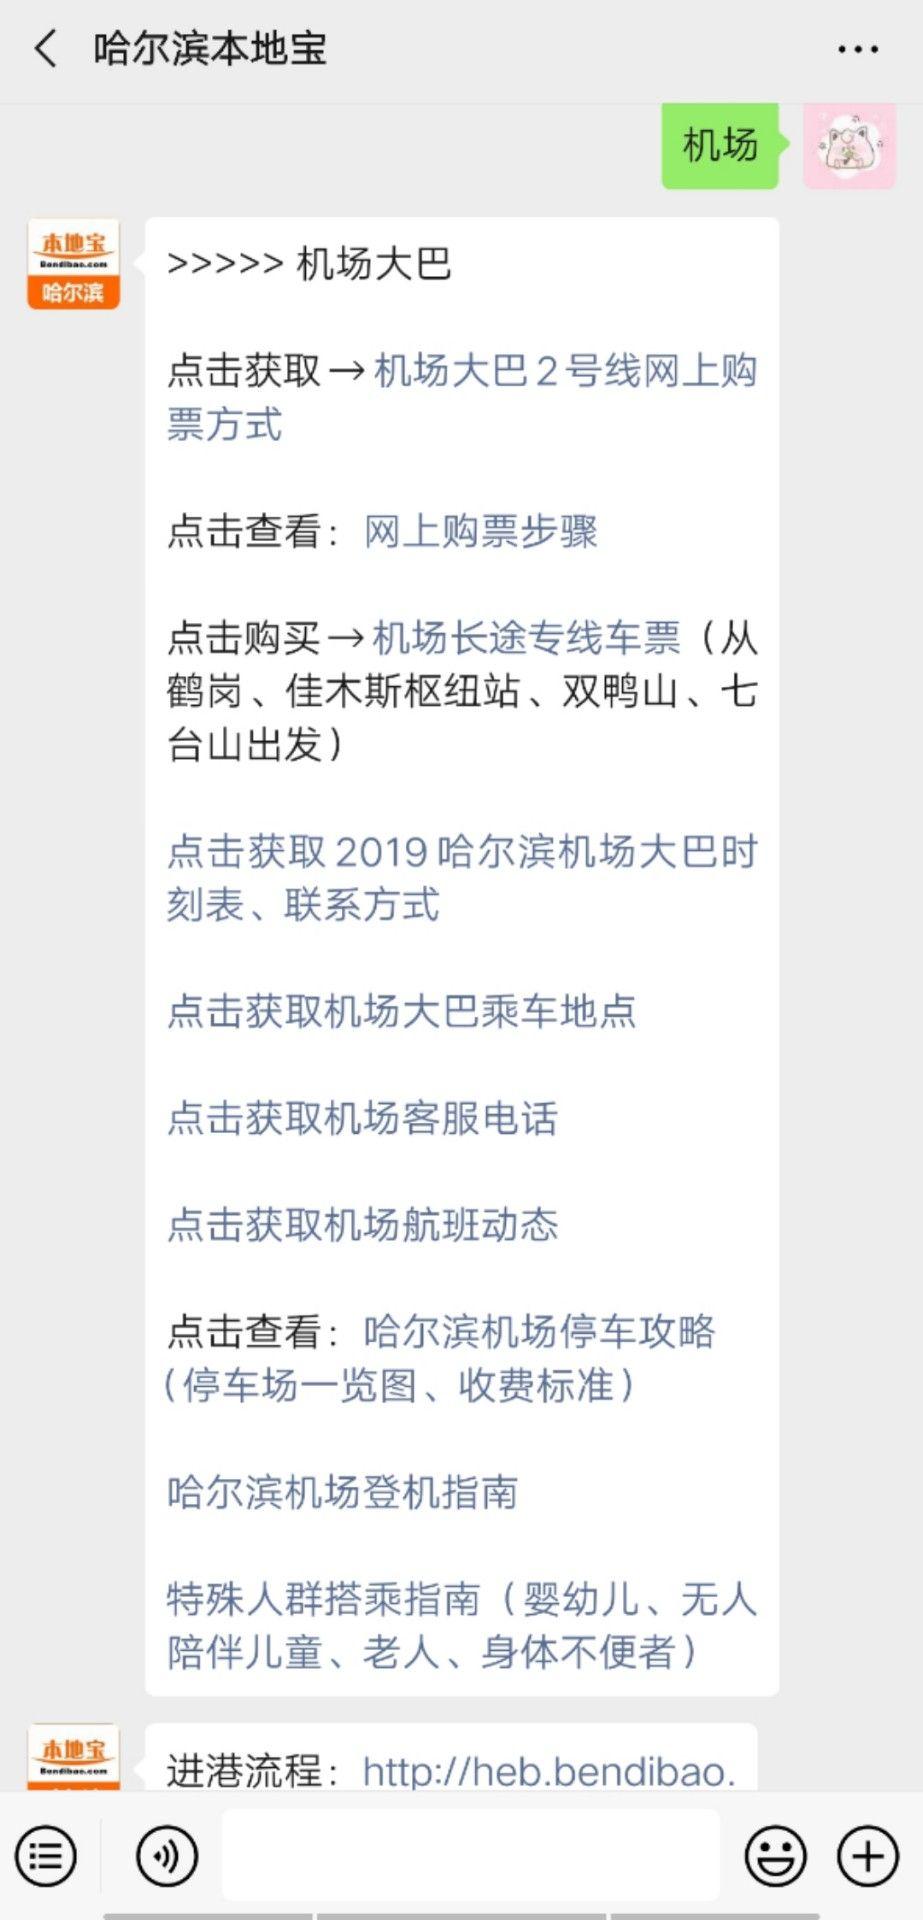 2019哈尔滨机场大巴时刻表(首末班时间、经停站点、票价)